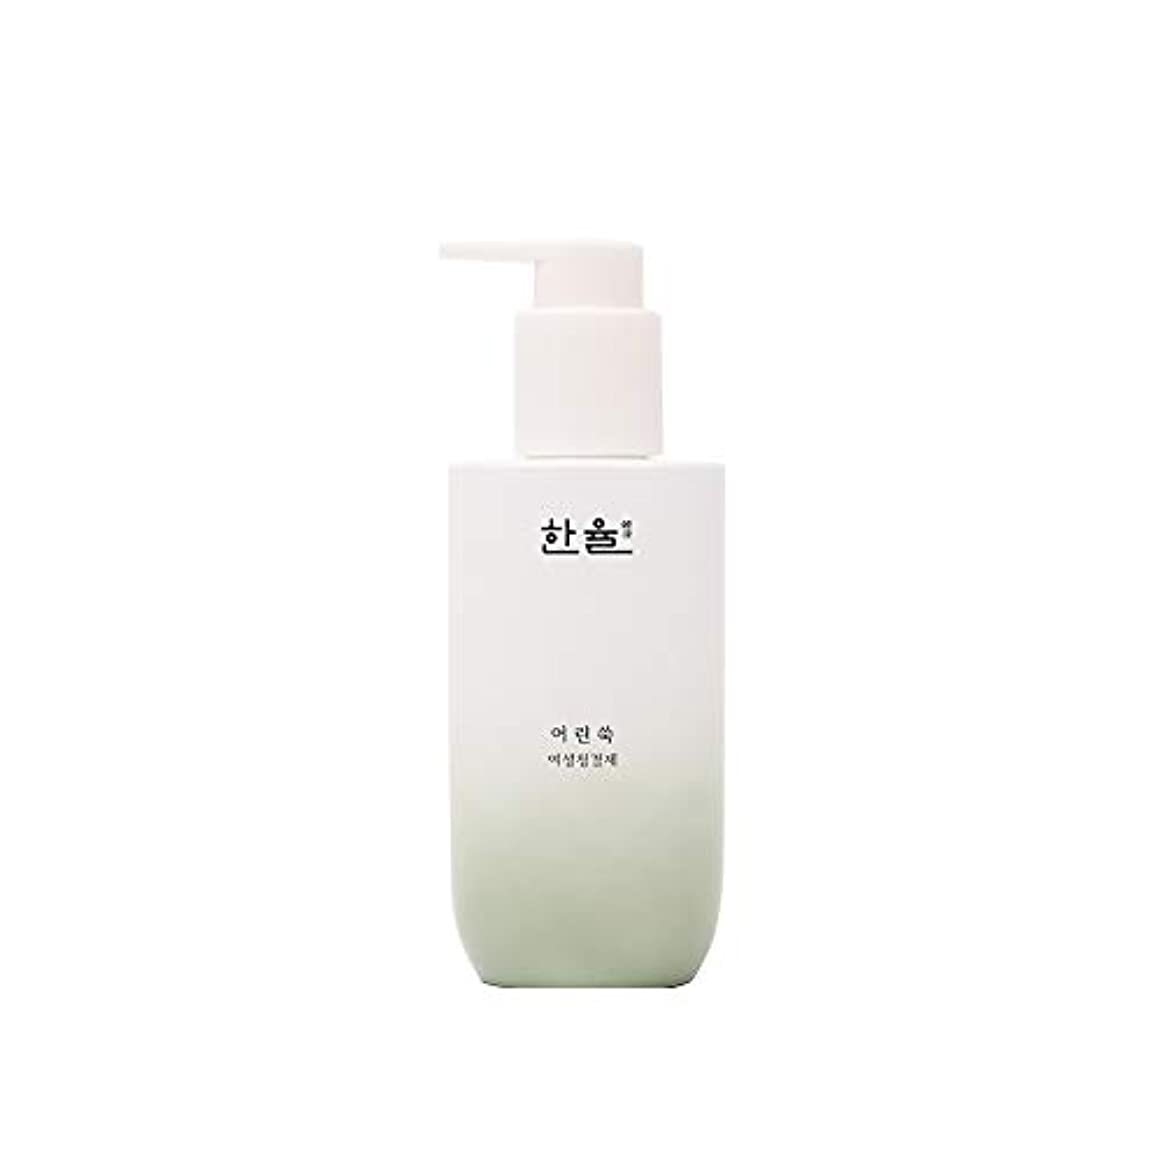 市民失敗リボン【HANYUL公式】 ハンユル フェミニンケアジェル 200ml / Hanyul Pure Artemisia Feminine care gel 200ml